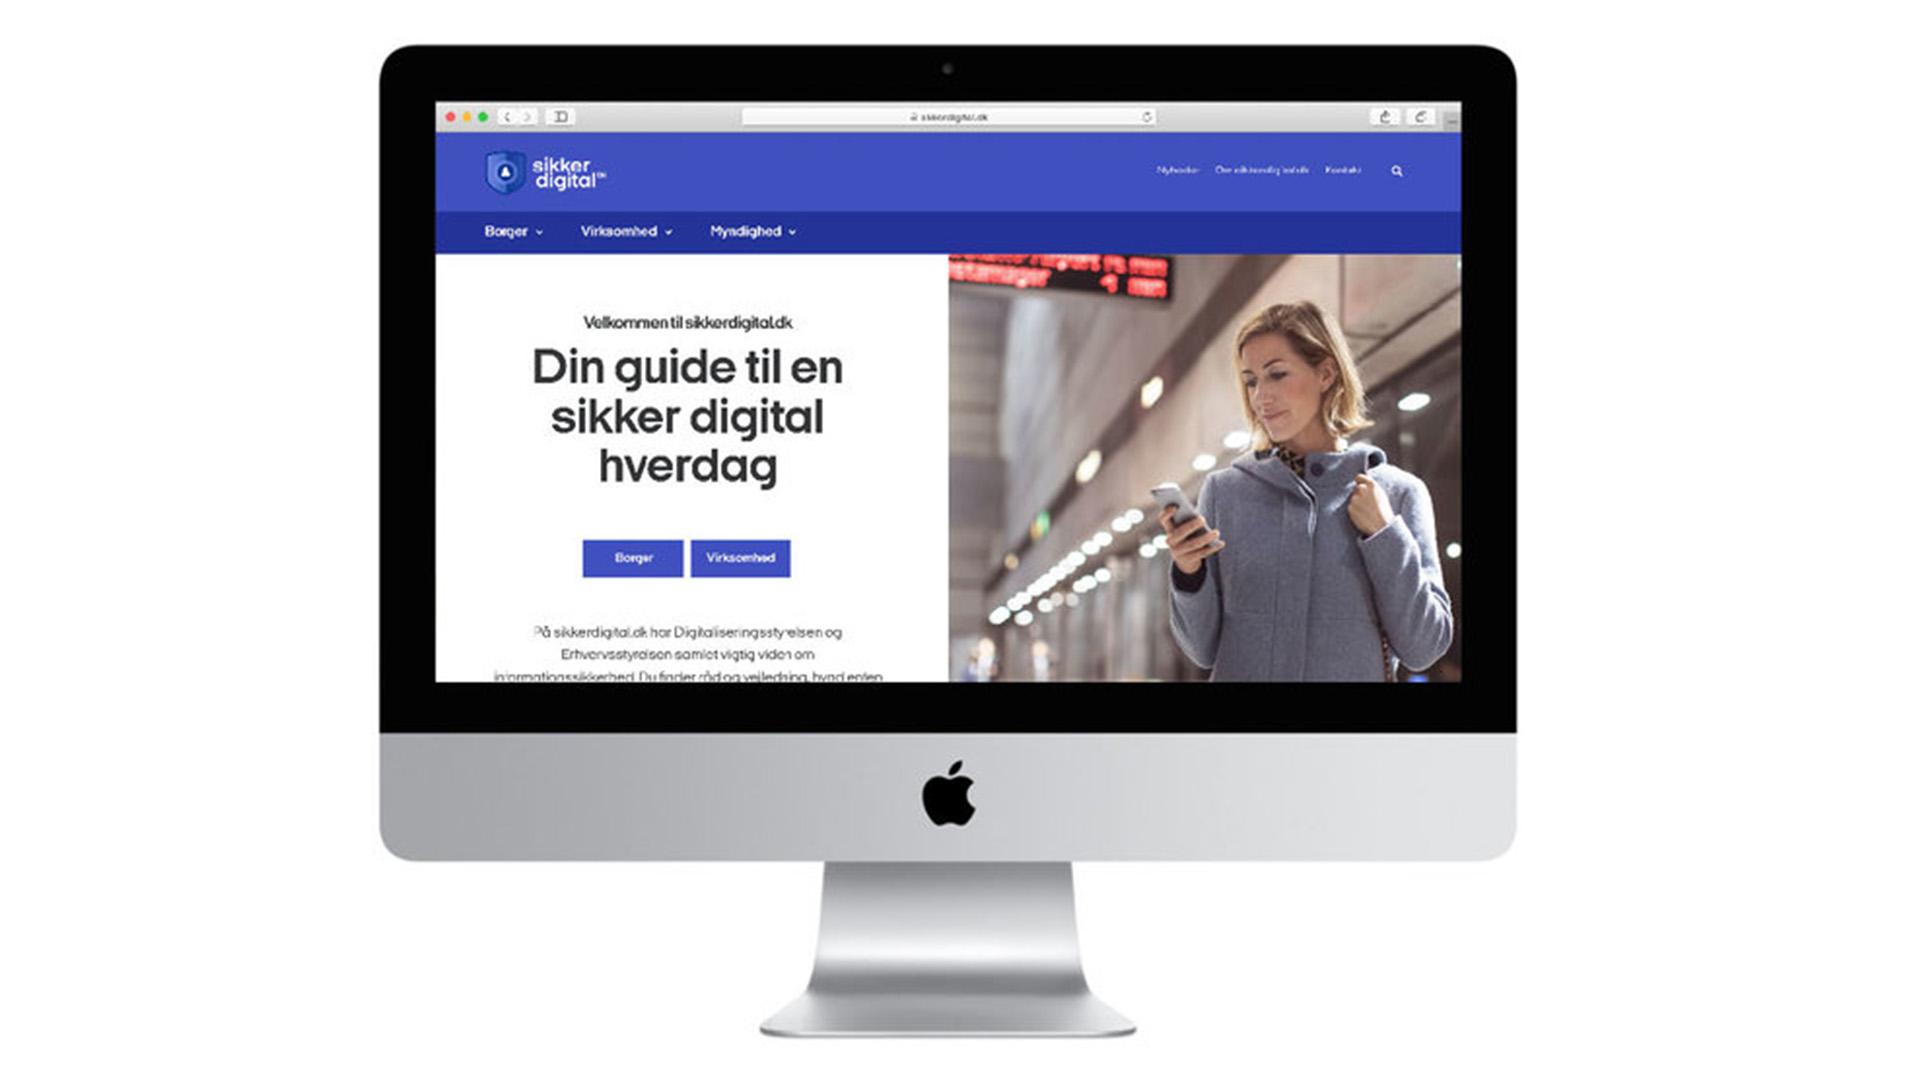 hel billedserie - illustrattive billeder tilsikkerdigital.dk